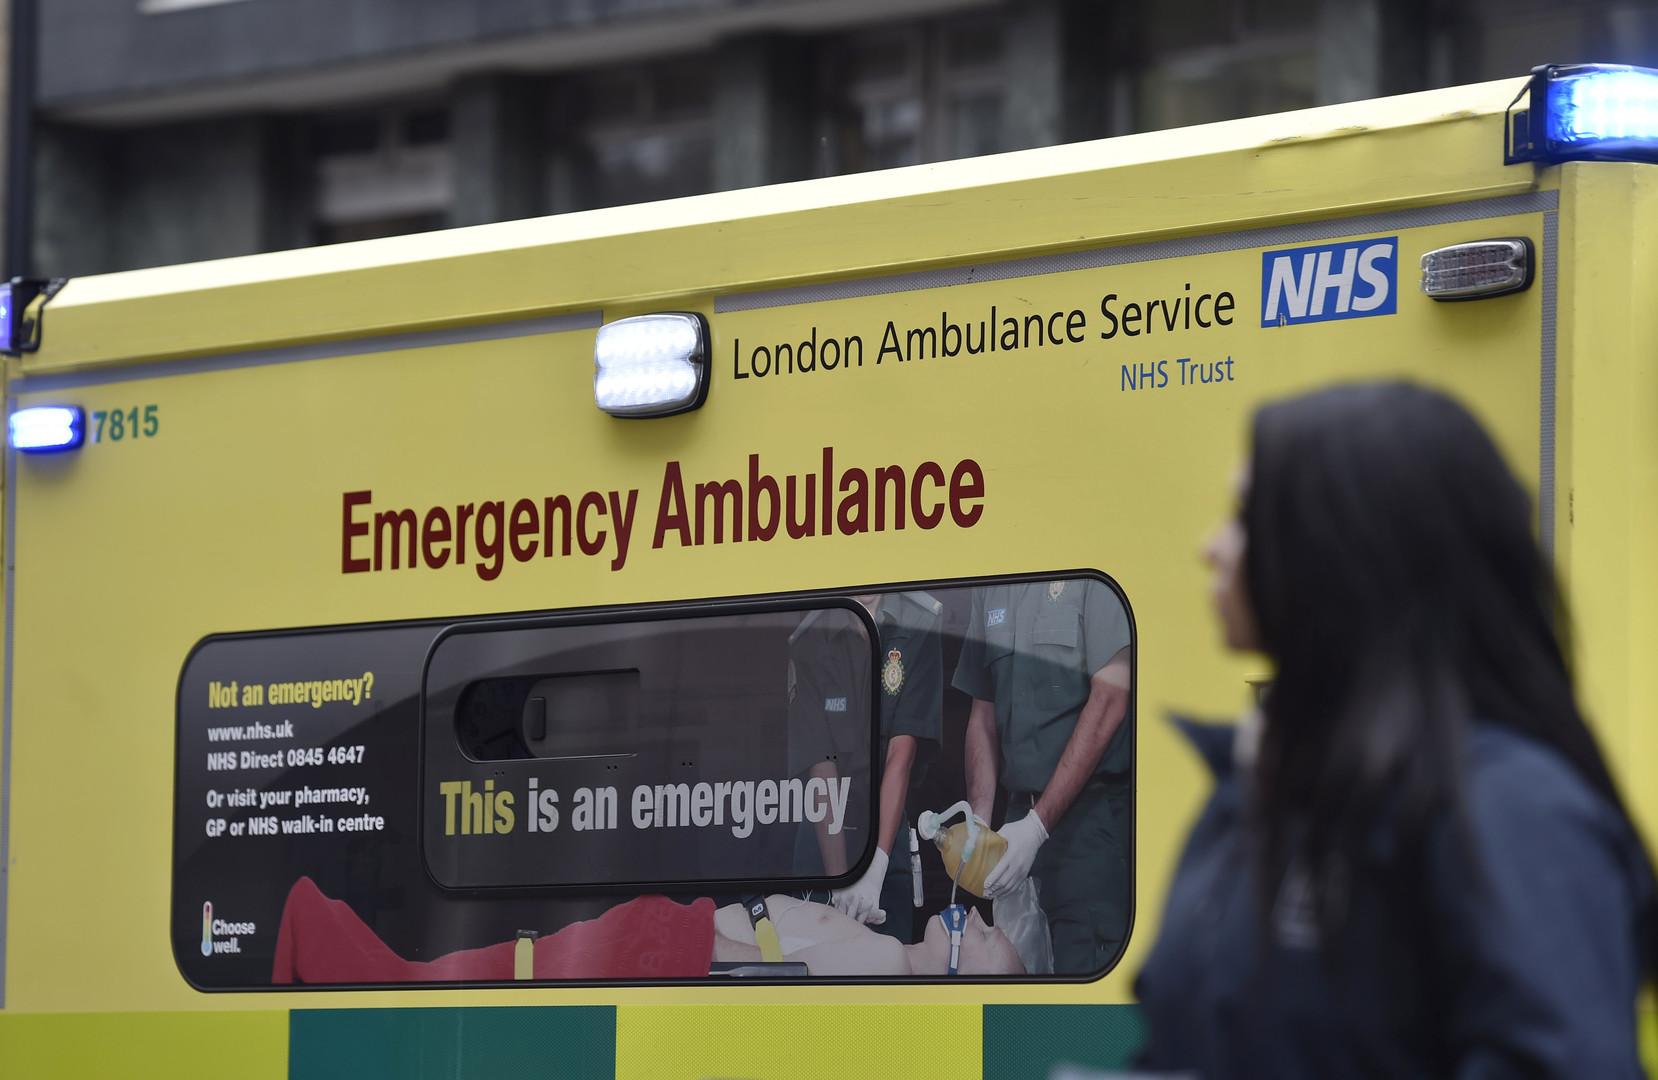 За смертью посылать: Британцев возмутила гибель велосипедиста из-за заблудившейся скорой